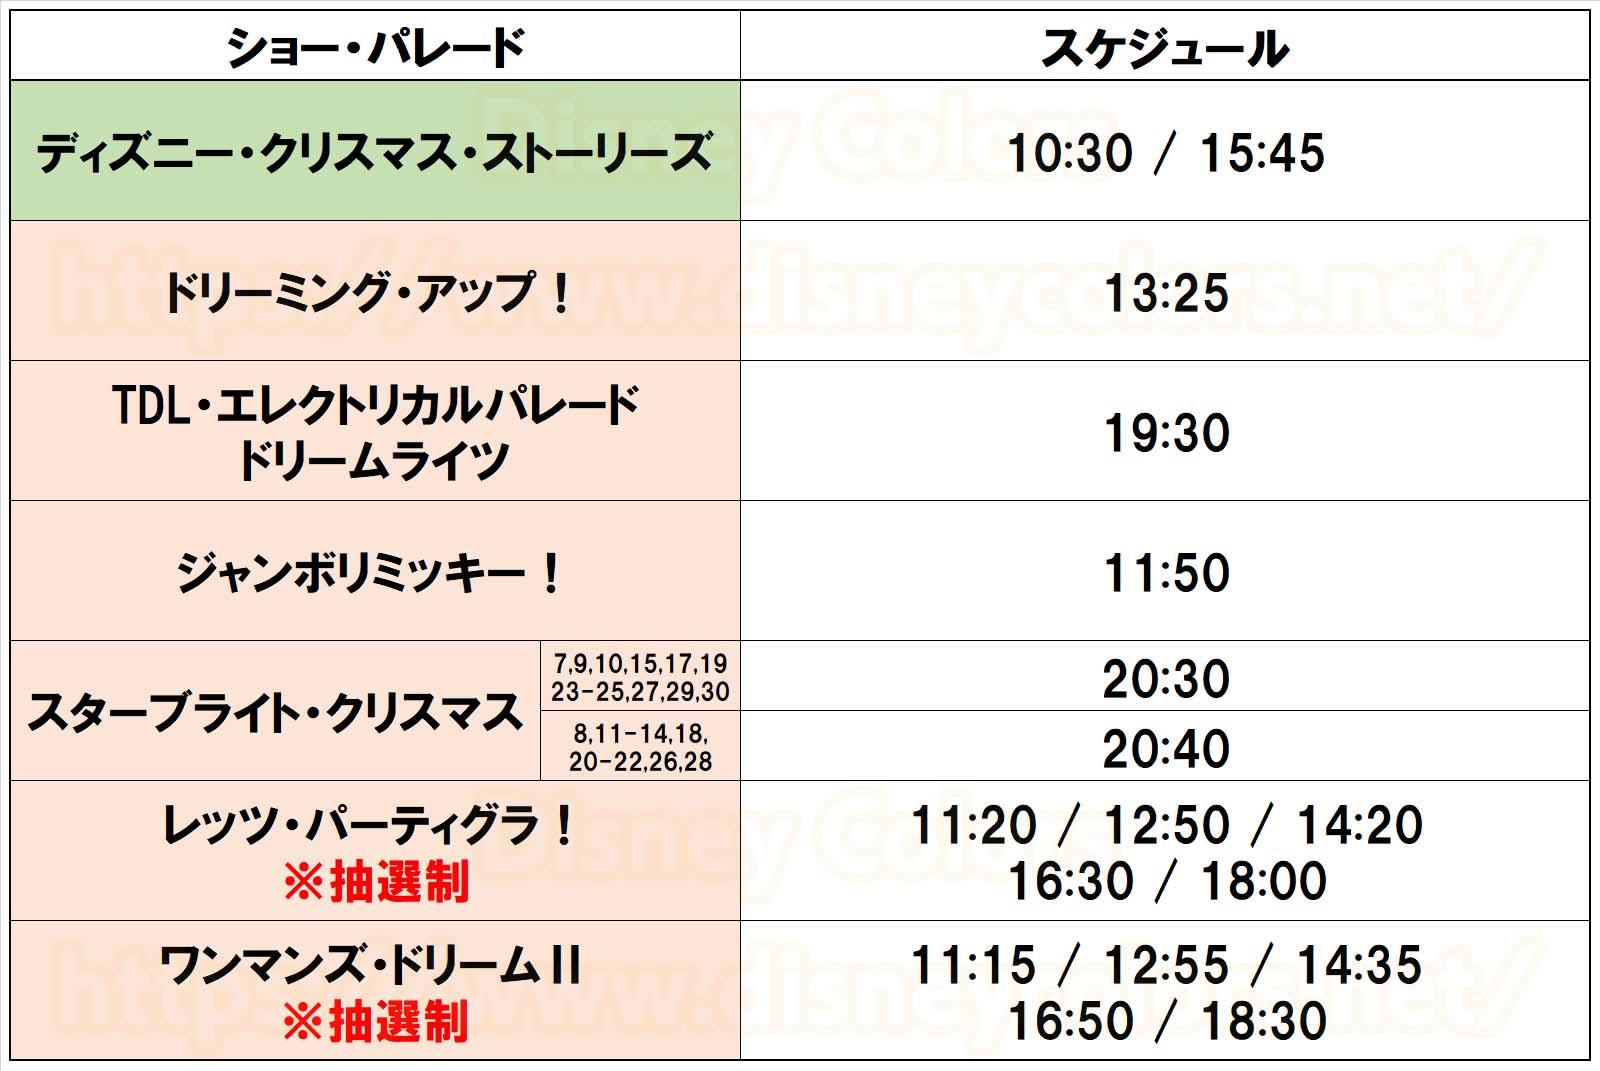 東京ディズニーランド ショースケジュール ディズニー・クリスマス2019 2019年11月7~30日